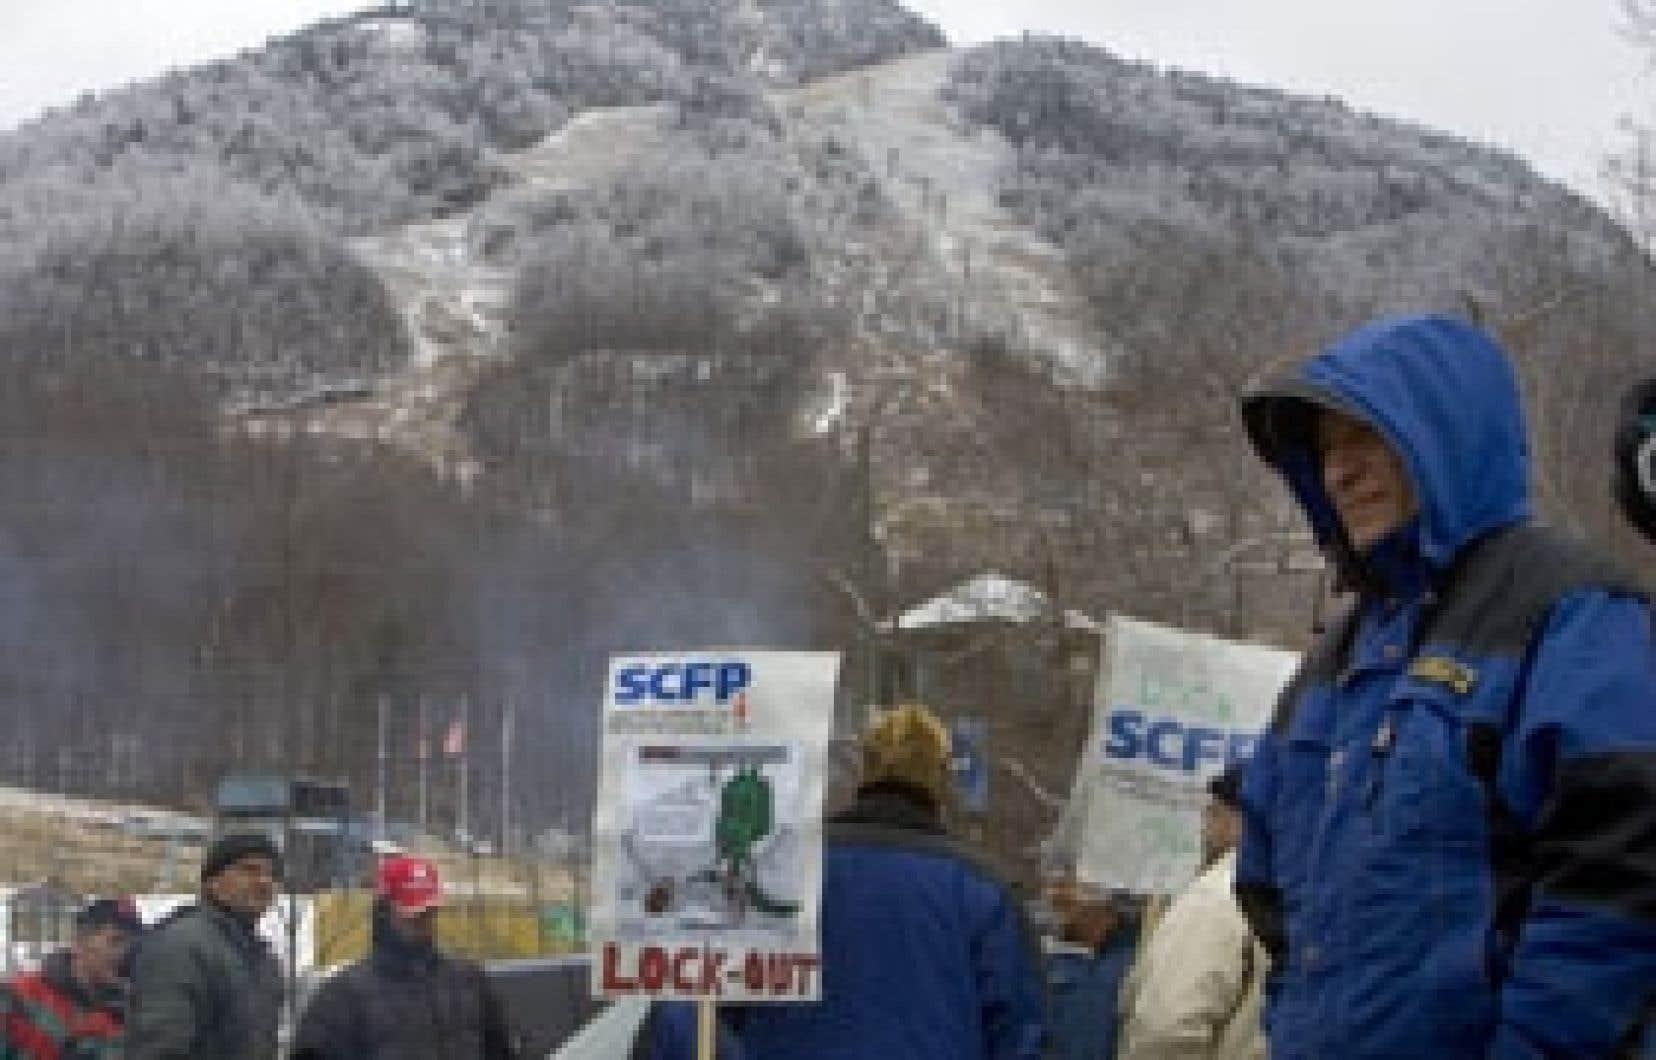 En lock-out, les employés de Mont-Orford affiliés à la FTQ avaient dressé leur ligne de piquetage, hier après-midi, peu avant l'annonce de la fermeture de la station de ski. Derrière eux, la montagne et ses pistes commençaient à blanchir sous l